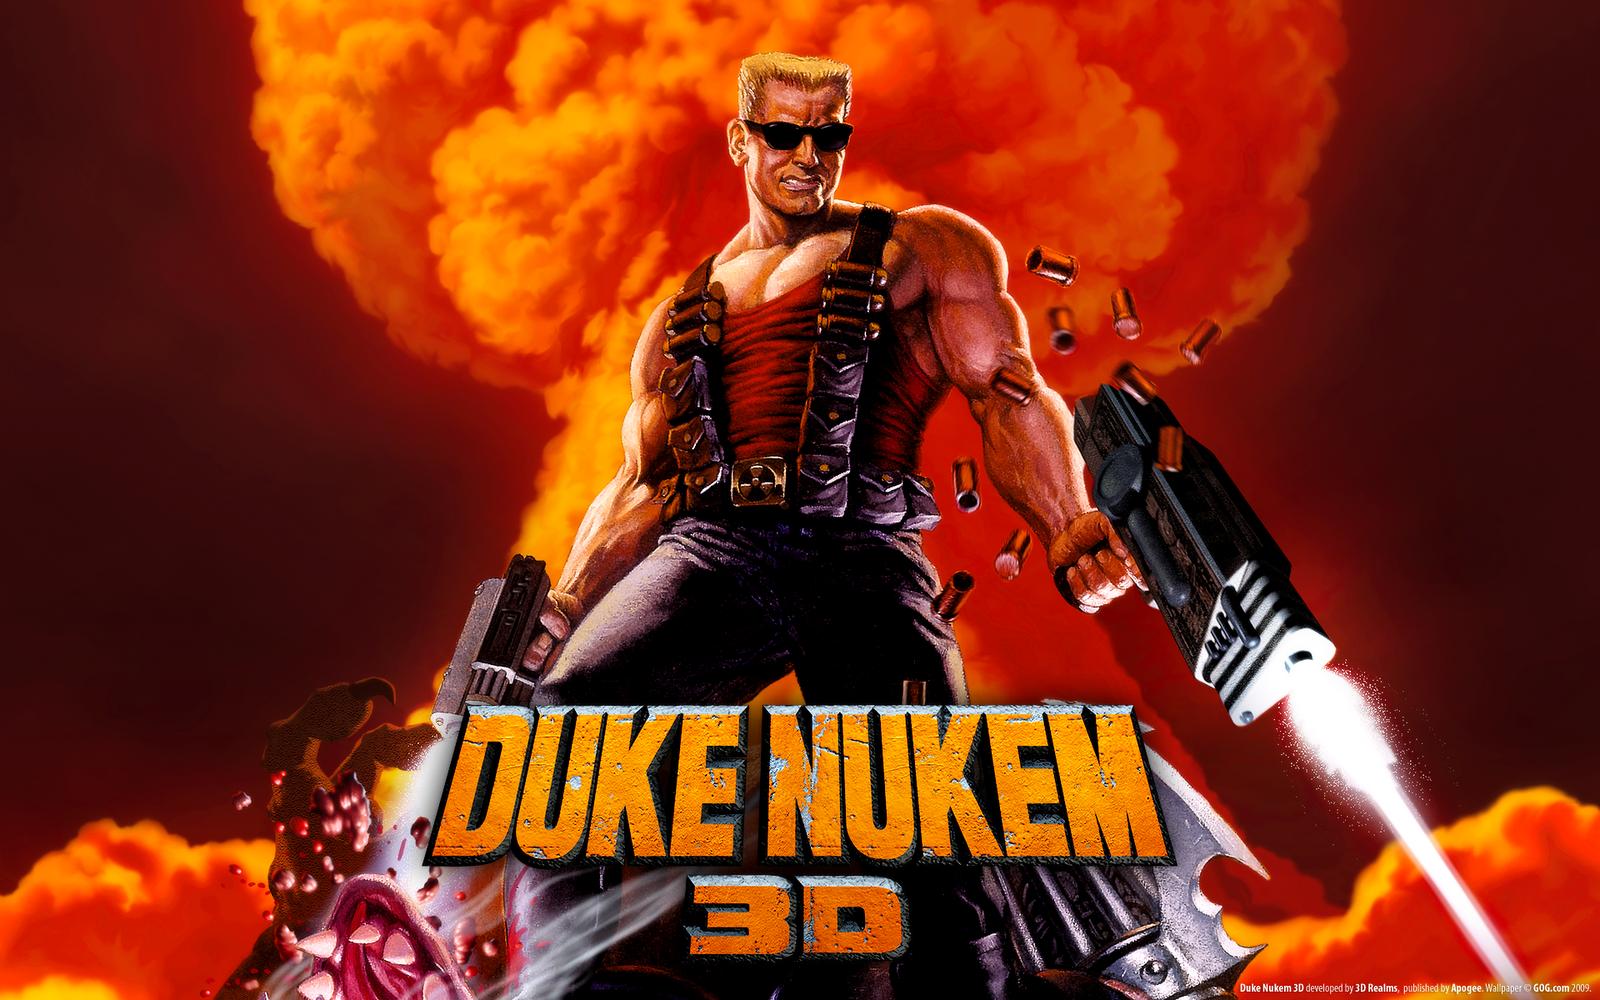 Online Duke Nukem